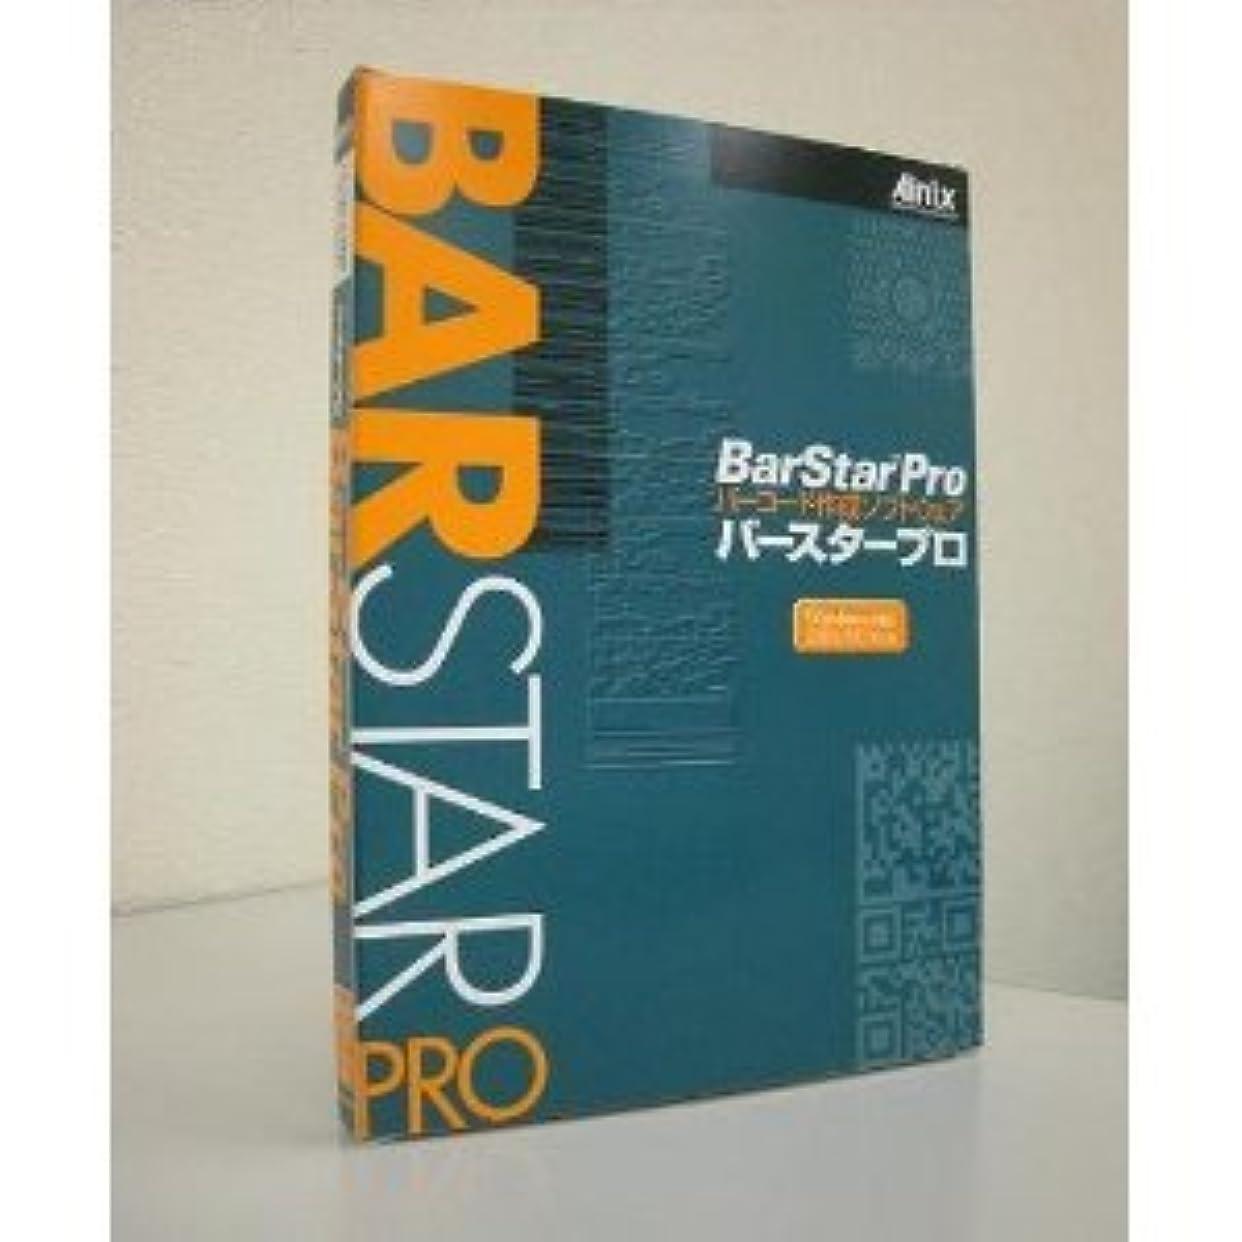 シンポジウムスペース駅バーコード作成ソフトウェア BarStar Pro V2.1 BPW210JA 64bit